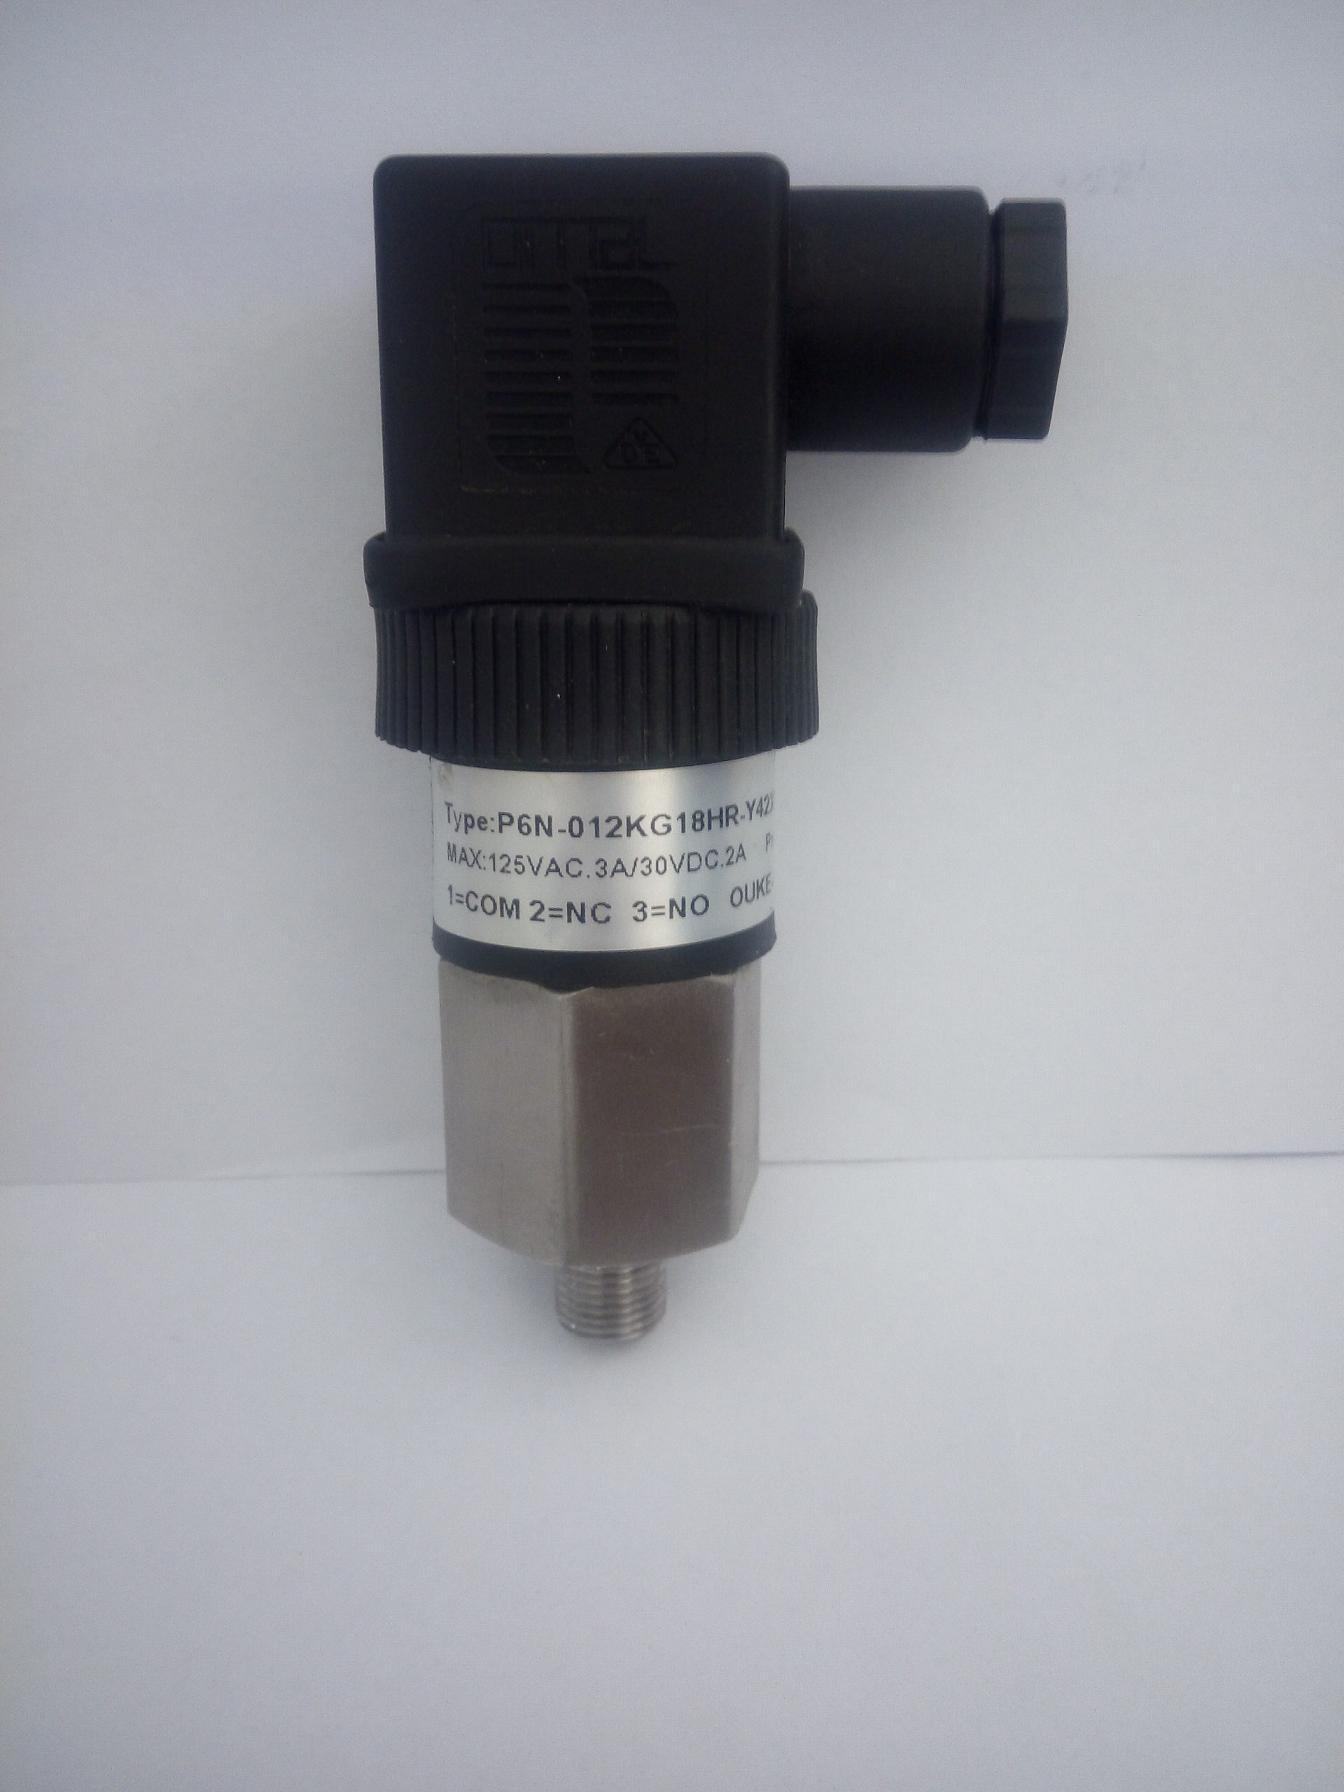 机械式压力开关/压力传感器P6N